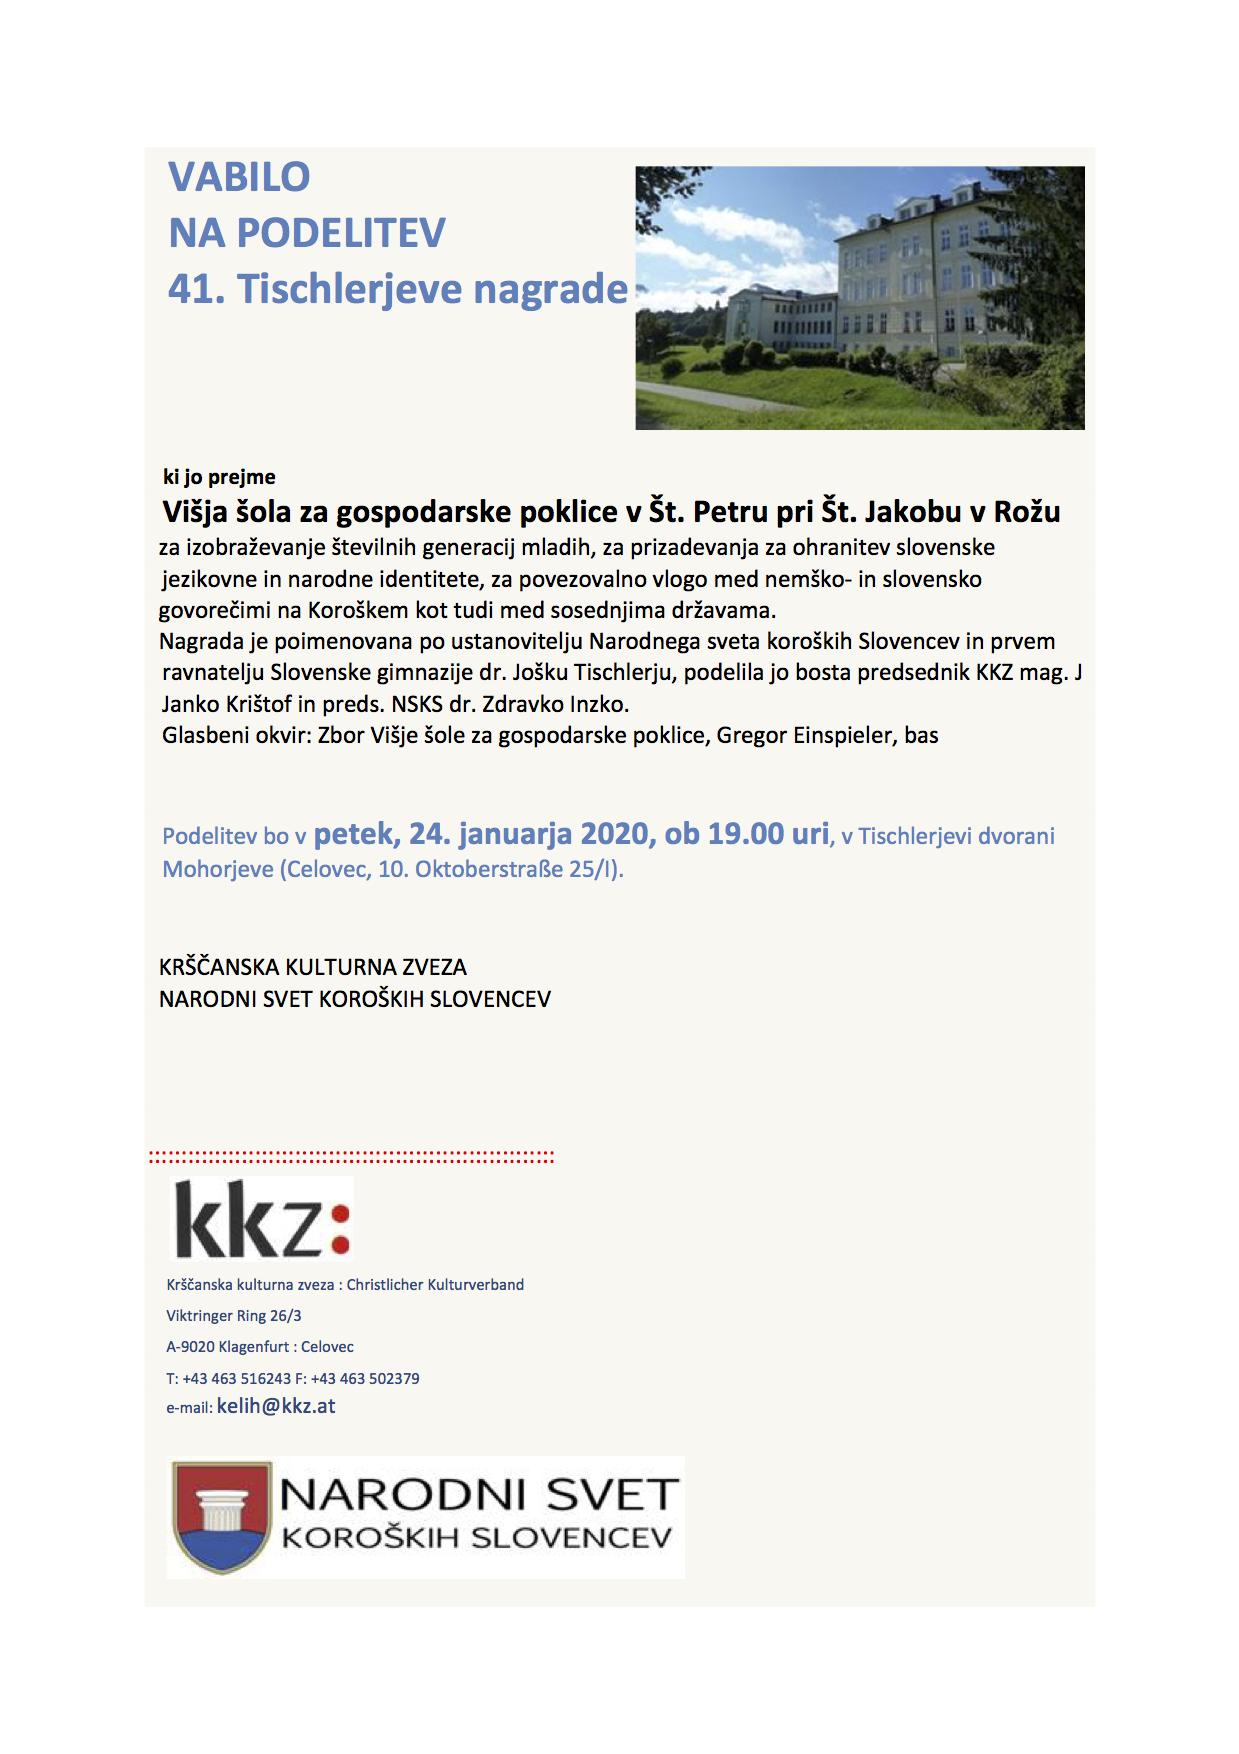 VABILO -Tischlerjeva nagrada_slo